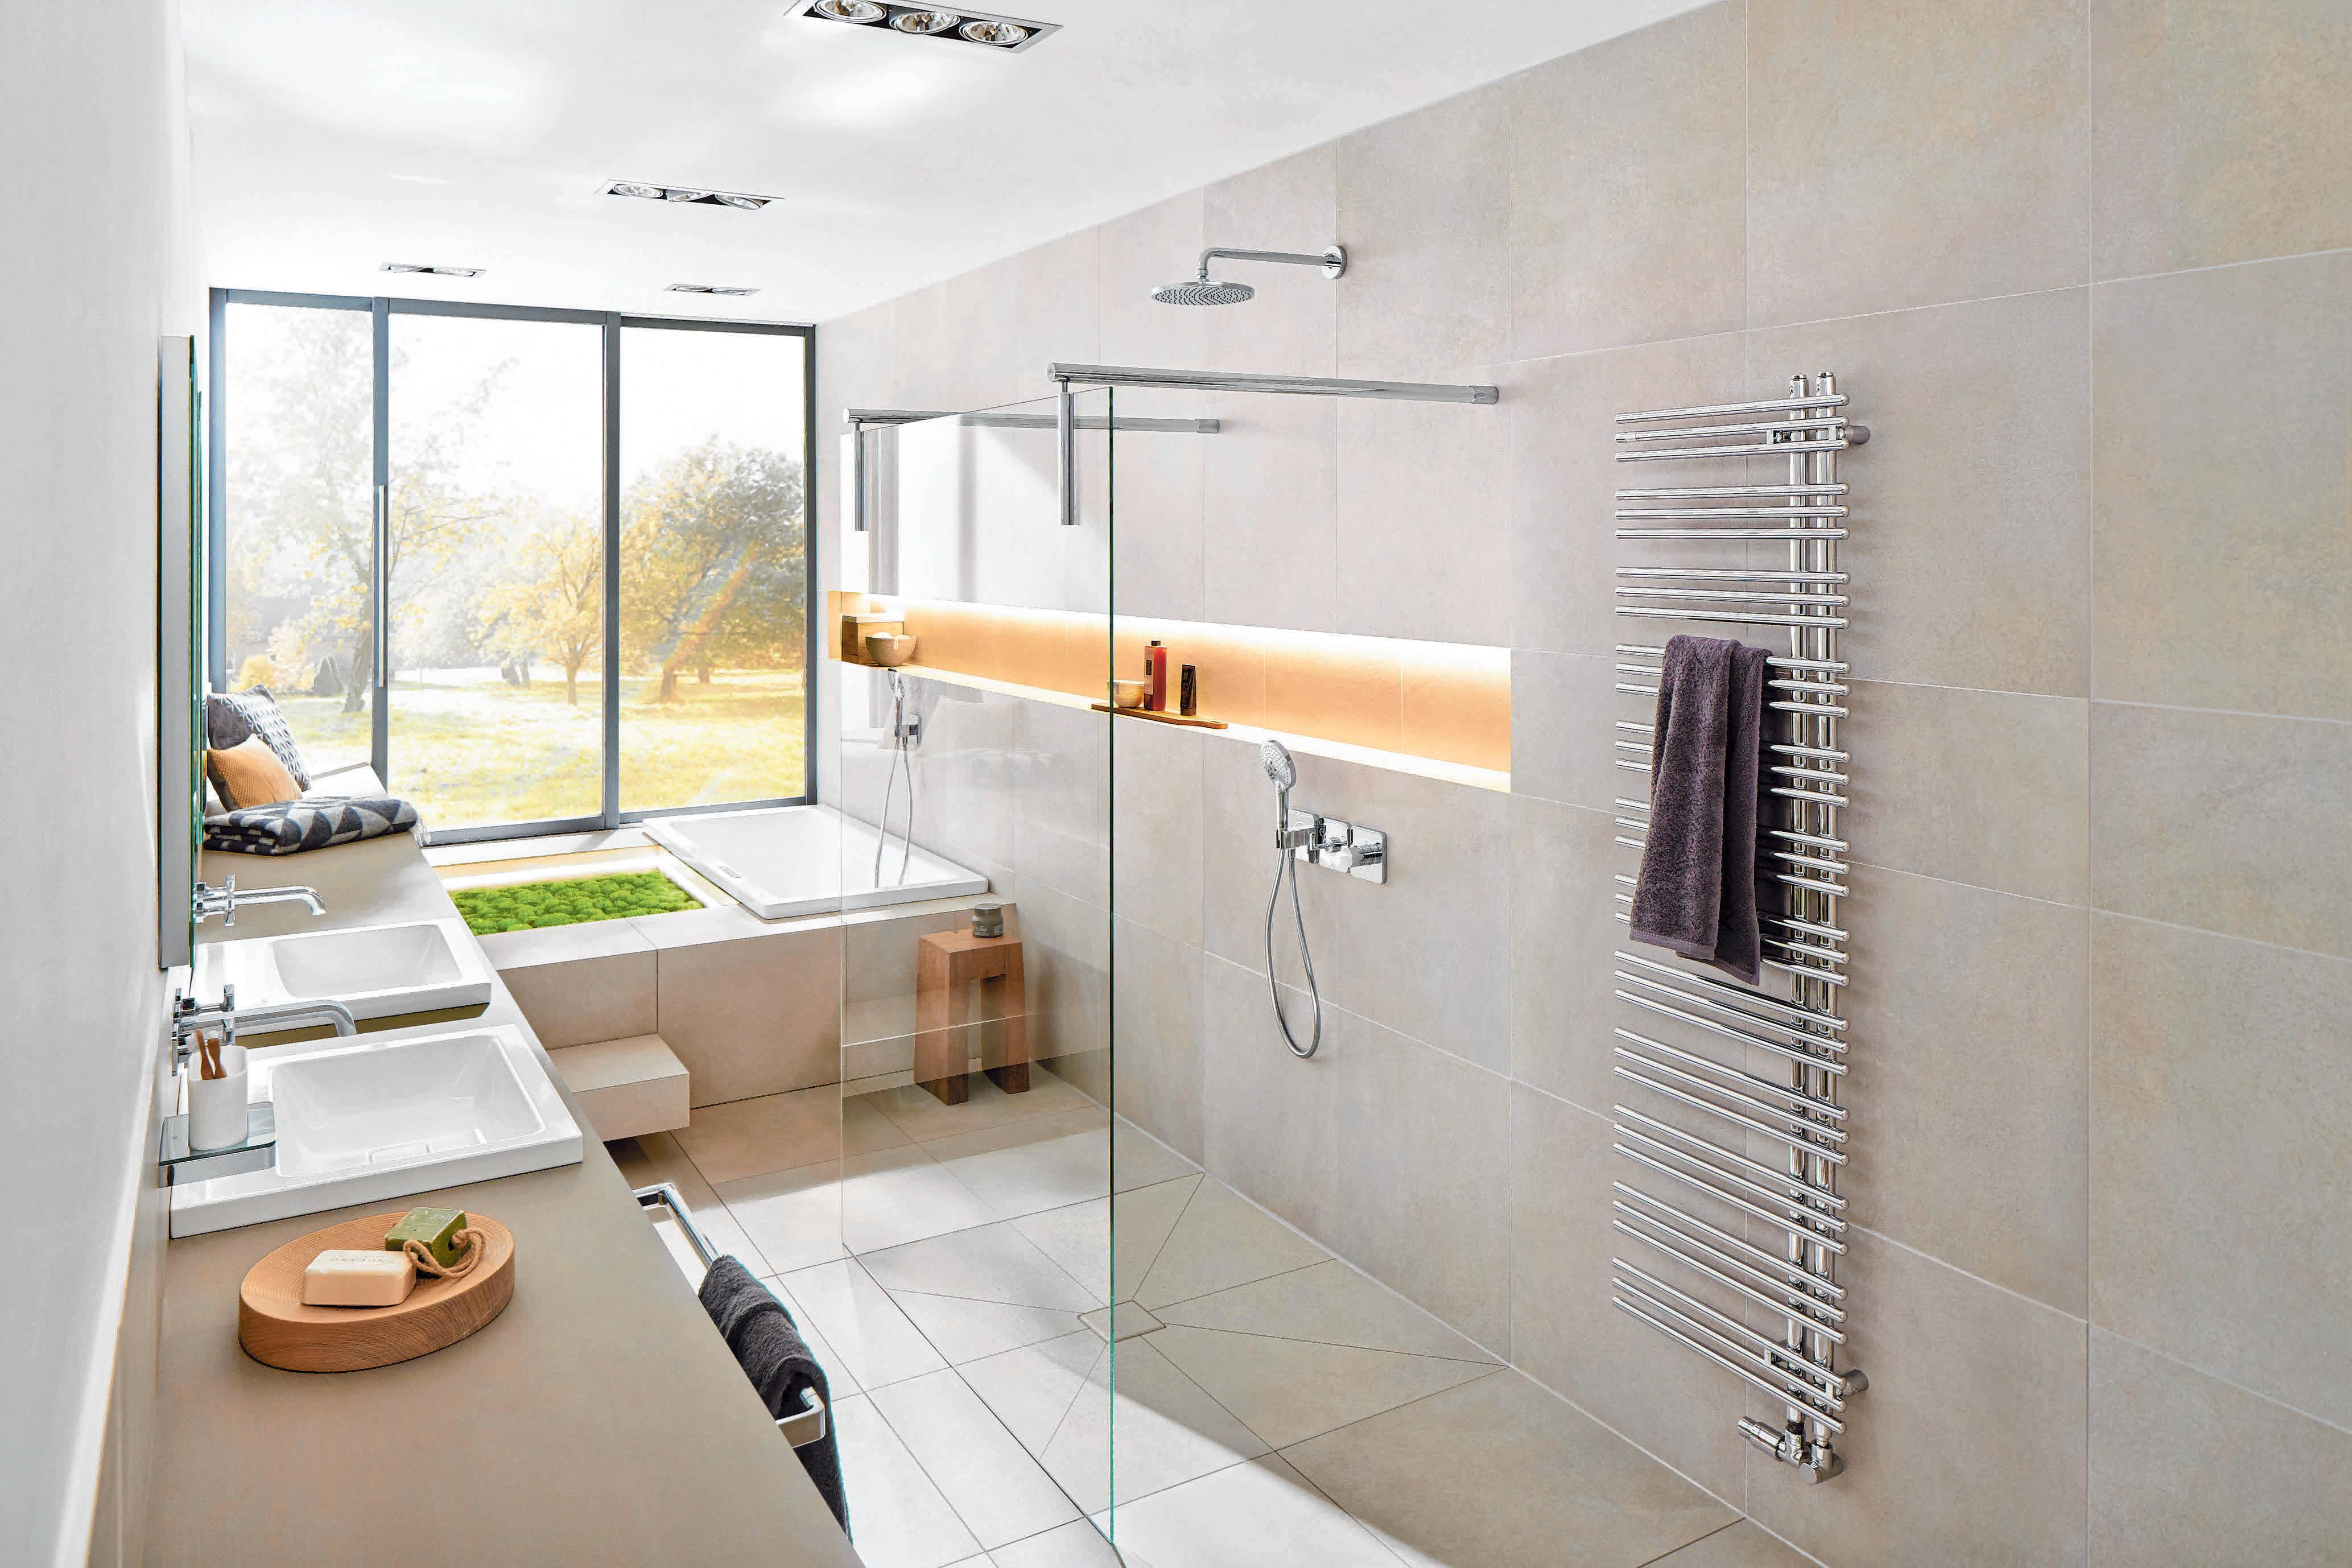 Die optische Vergrößerung wird durch die harmonisch abgestimmte Wand- und Bodengestaltung mit modernen XL-Fliesen im Natursteinlook verstärkt. FOTOS:DJD/DEUTSCHE-FLIESE.DE